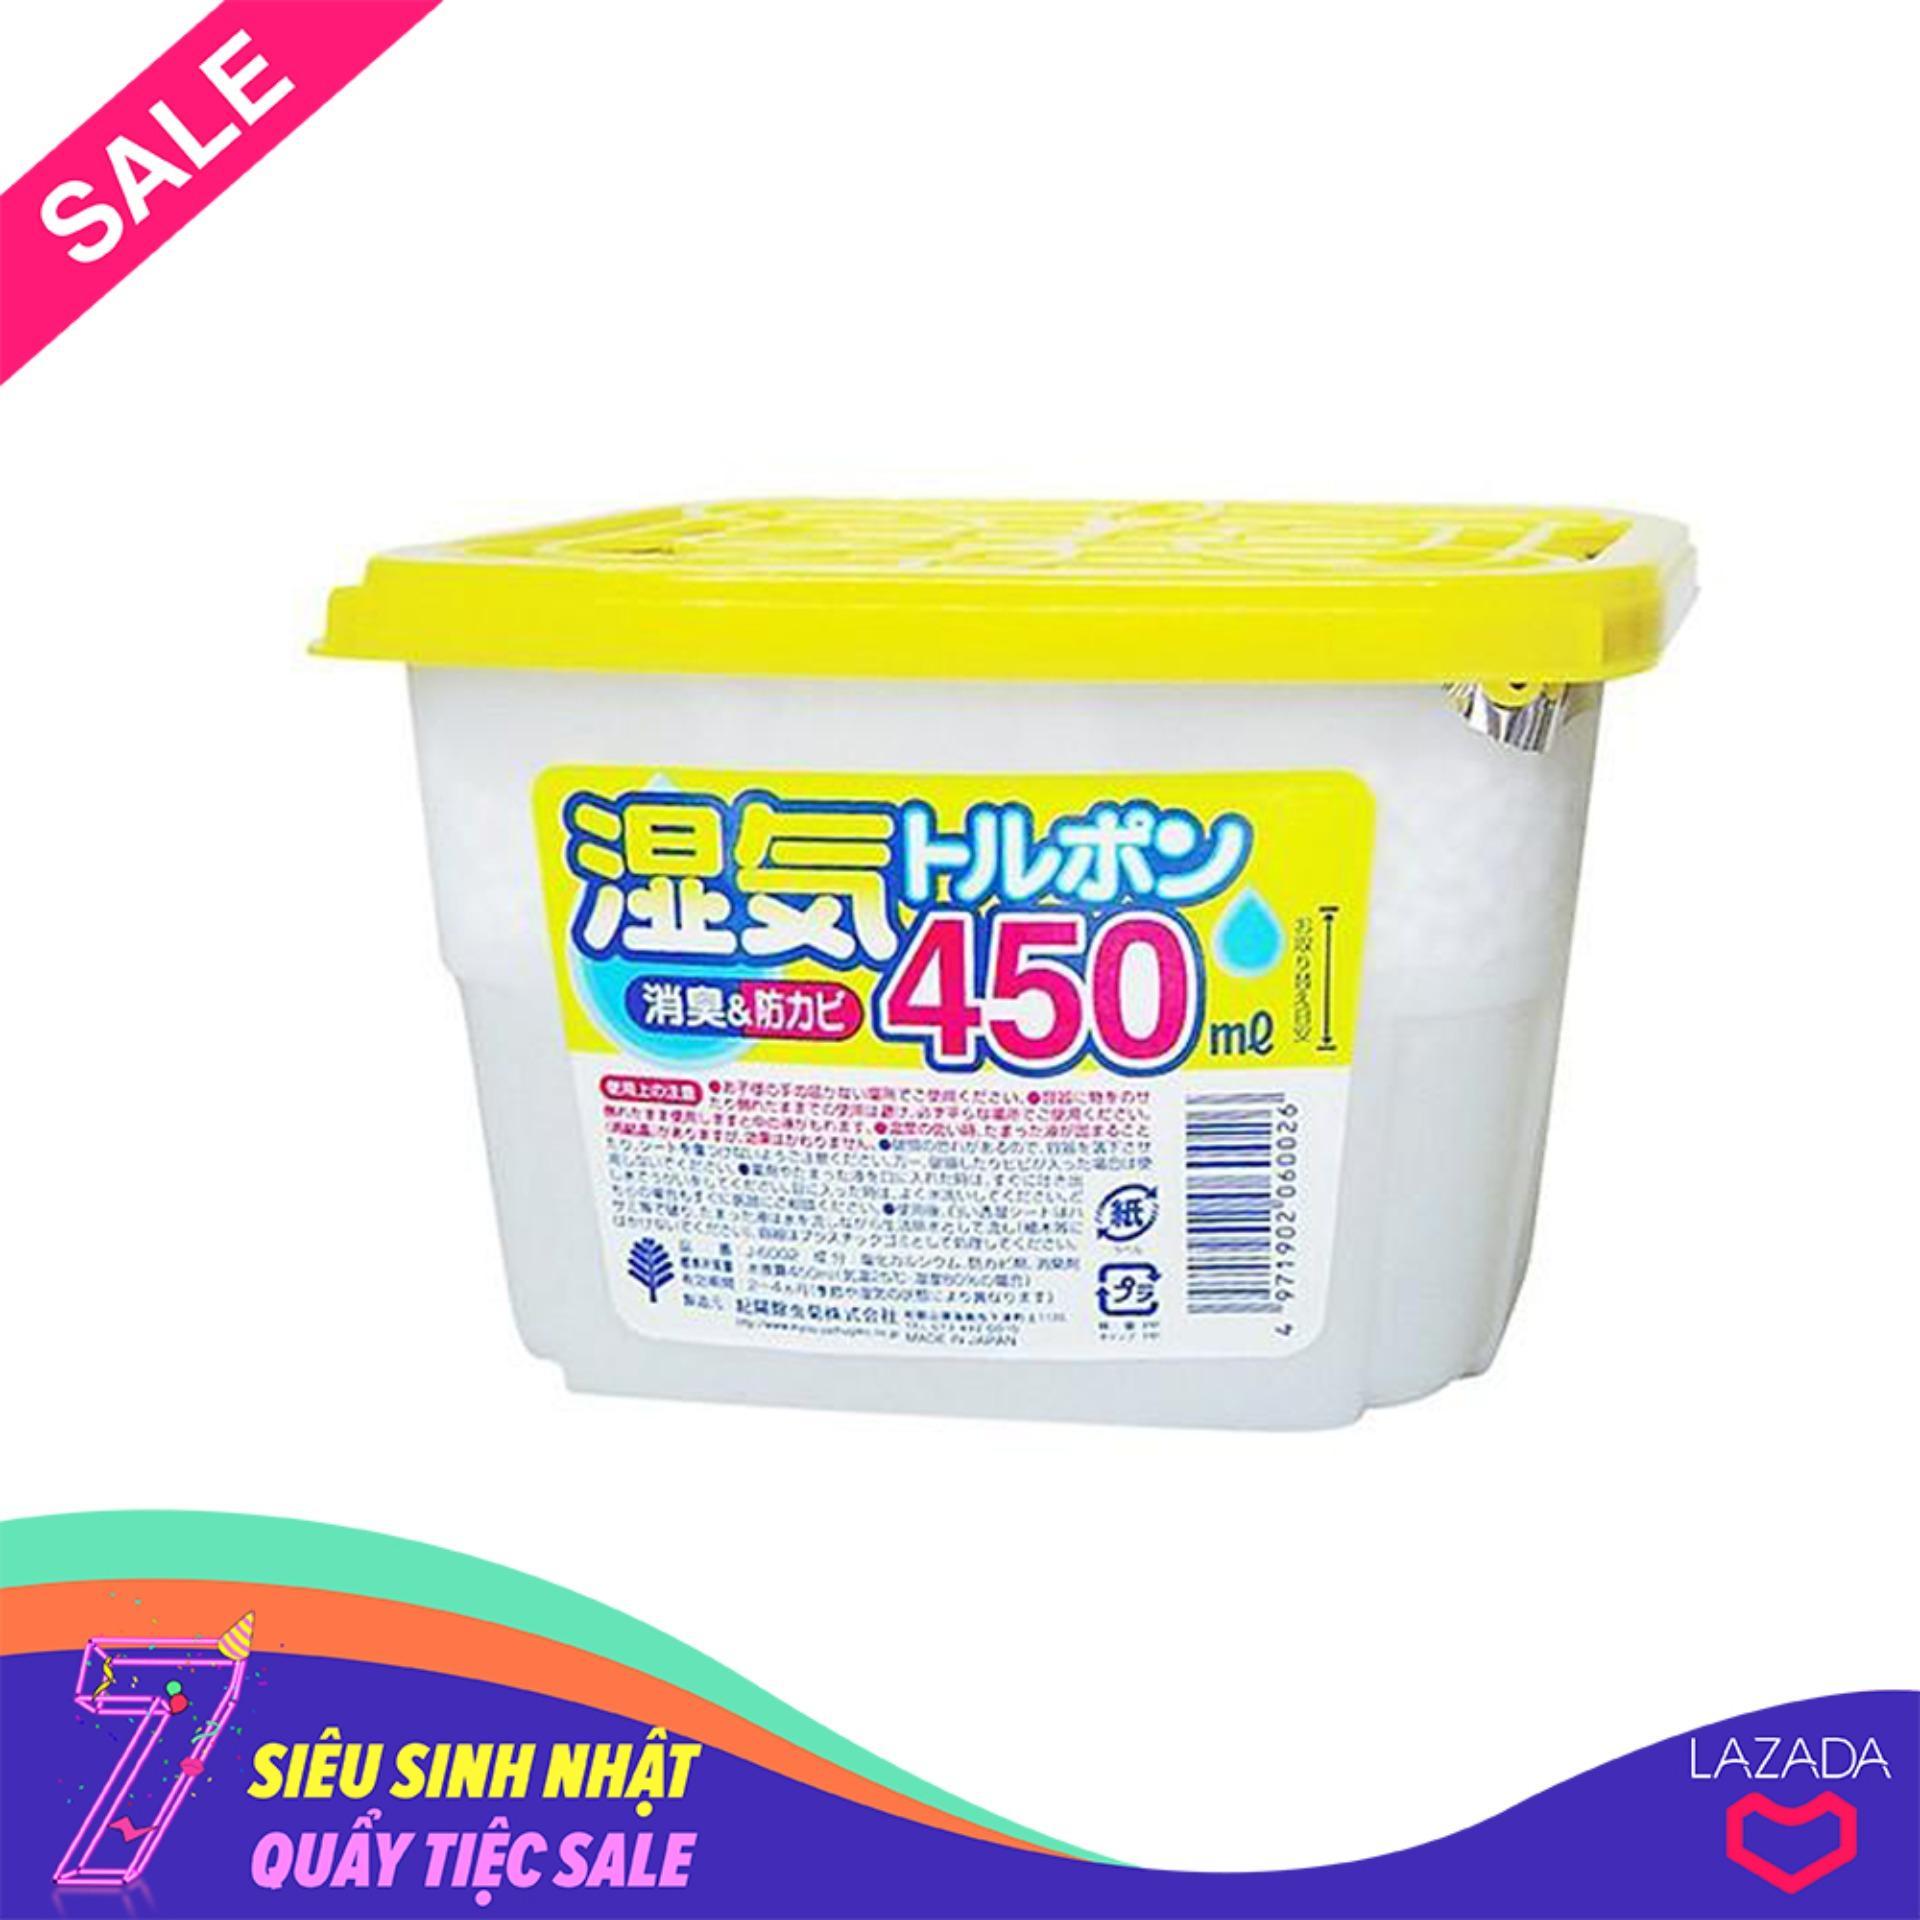 Hộp hút ẩm 450ml - Hàng nhập khẩu nội địa Nhật Bản